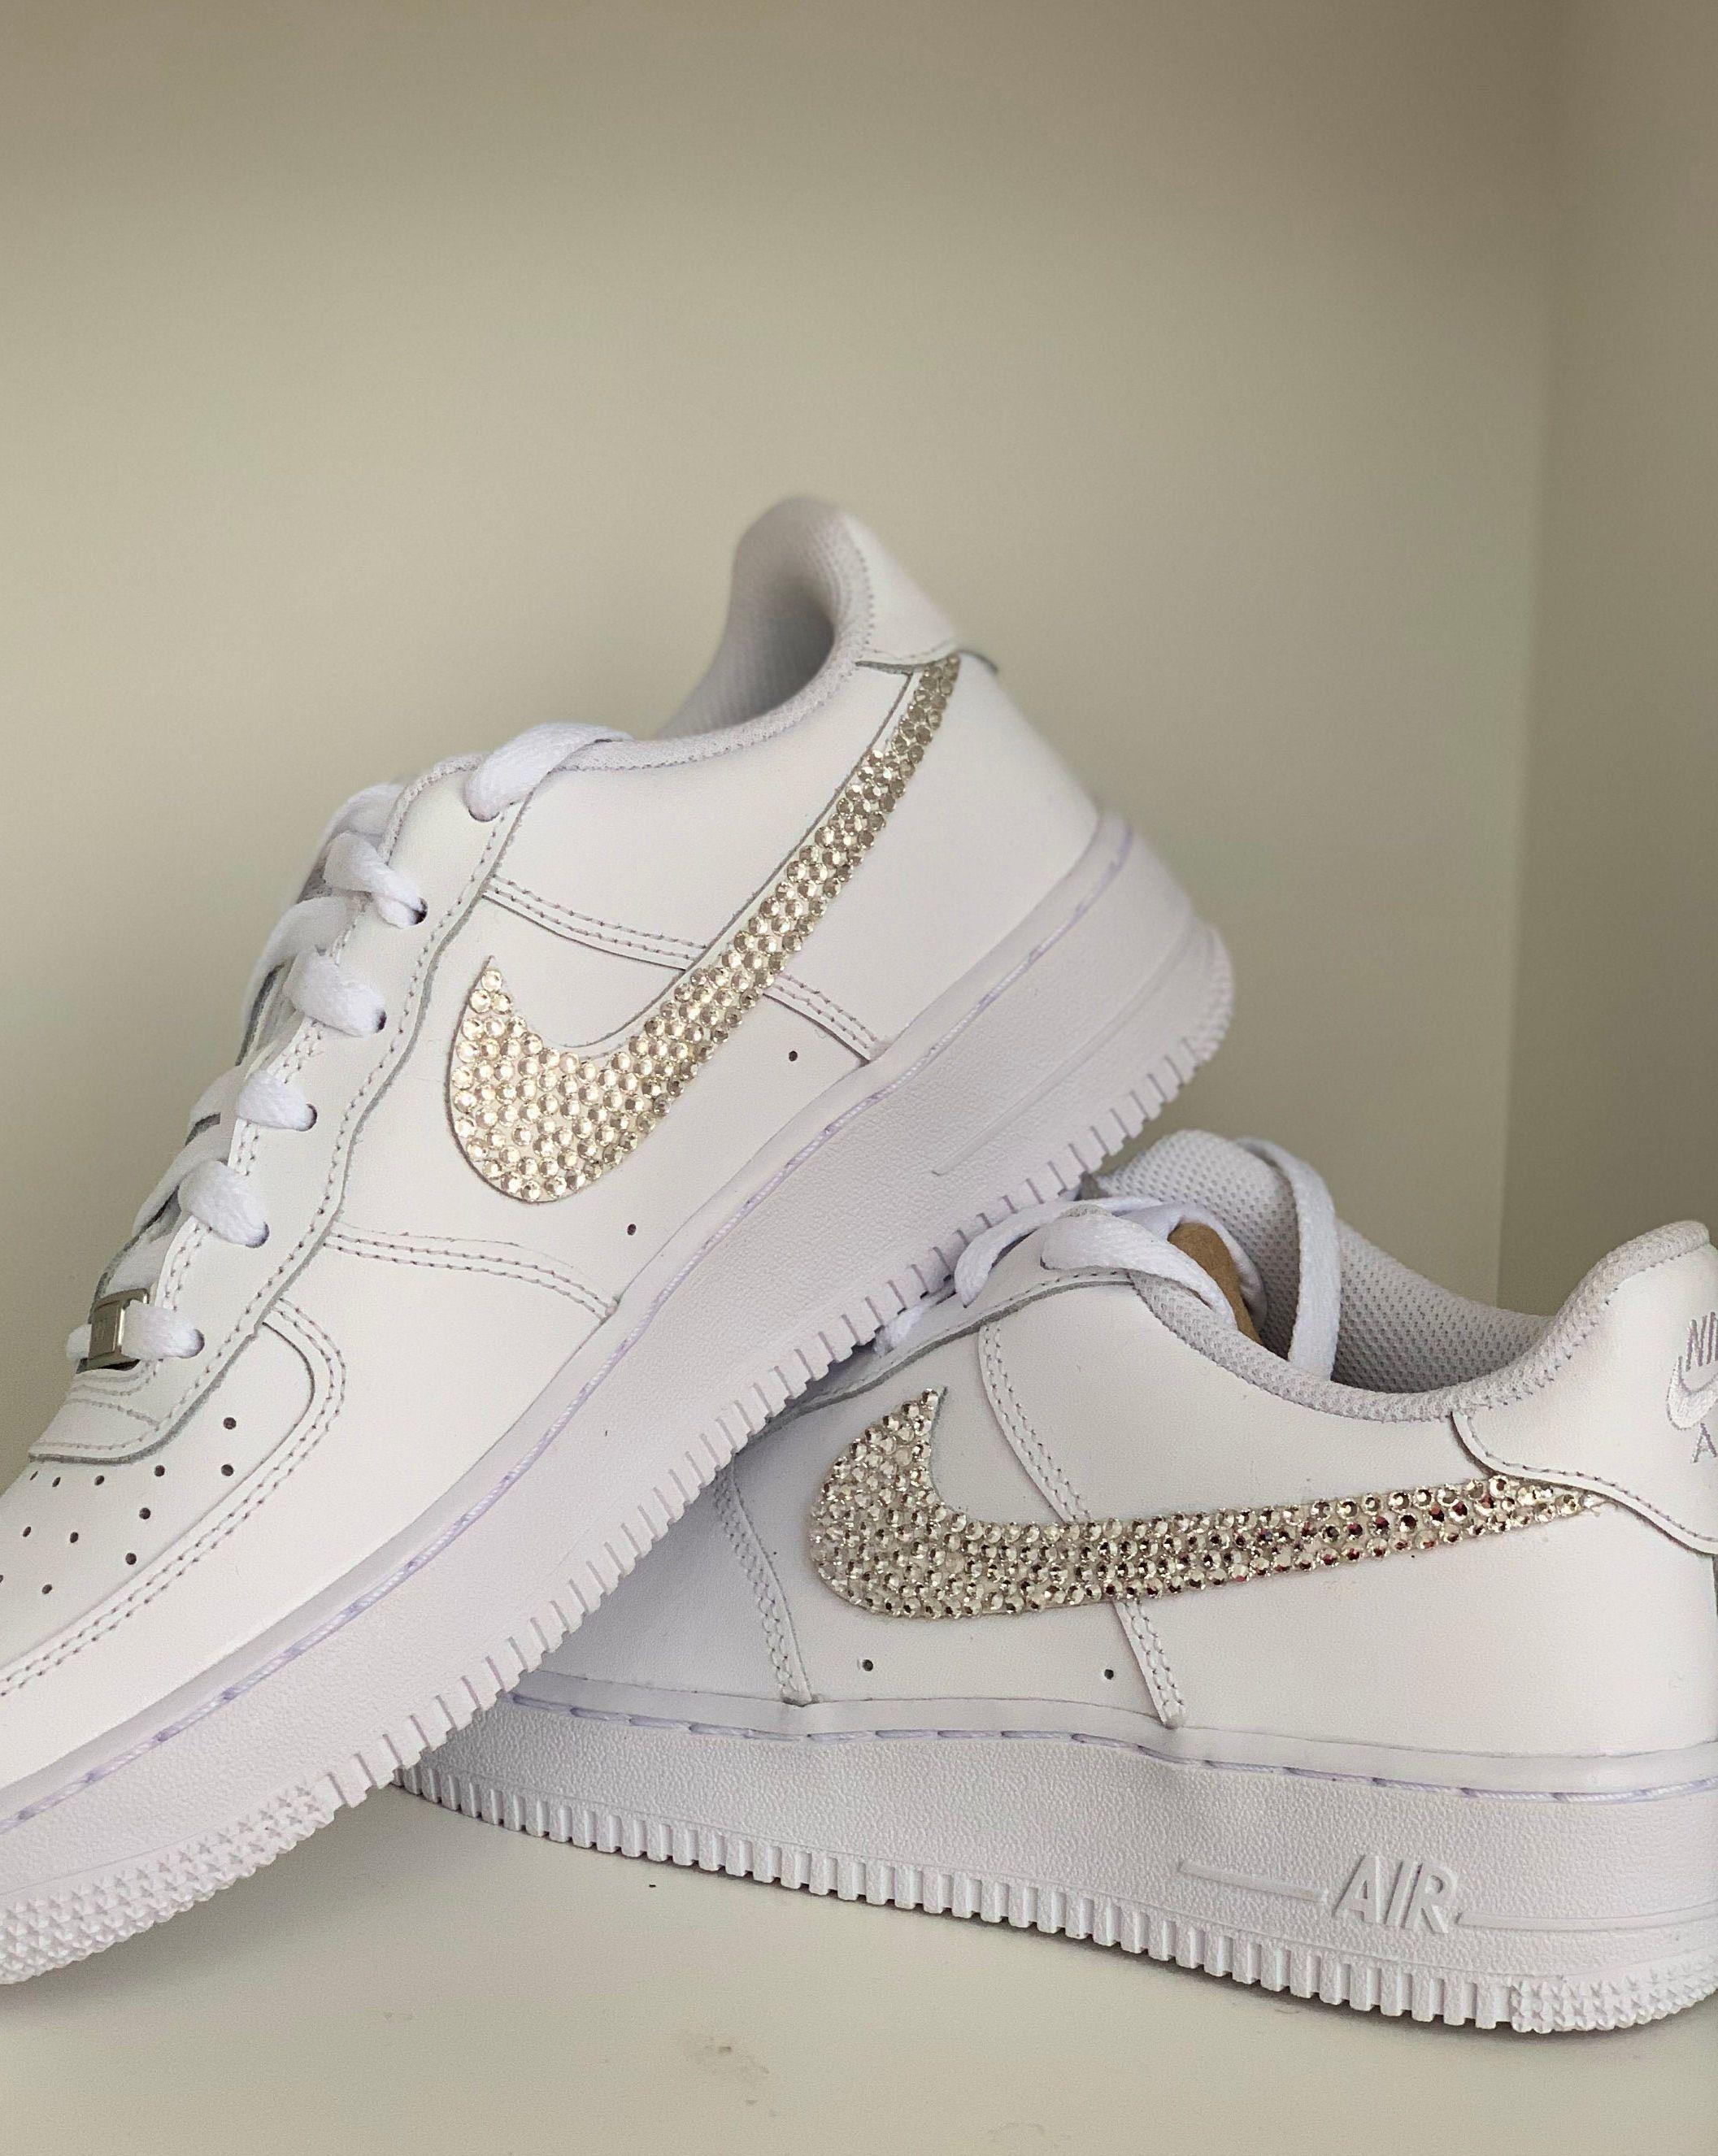 Glitzer Air Force Custom In 2020 Nike Air Force Nike Air Air Force